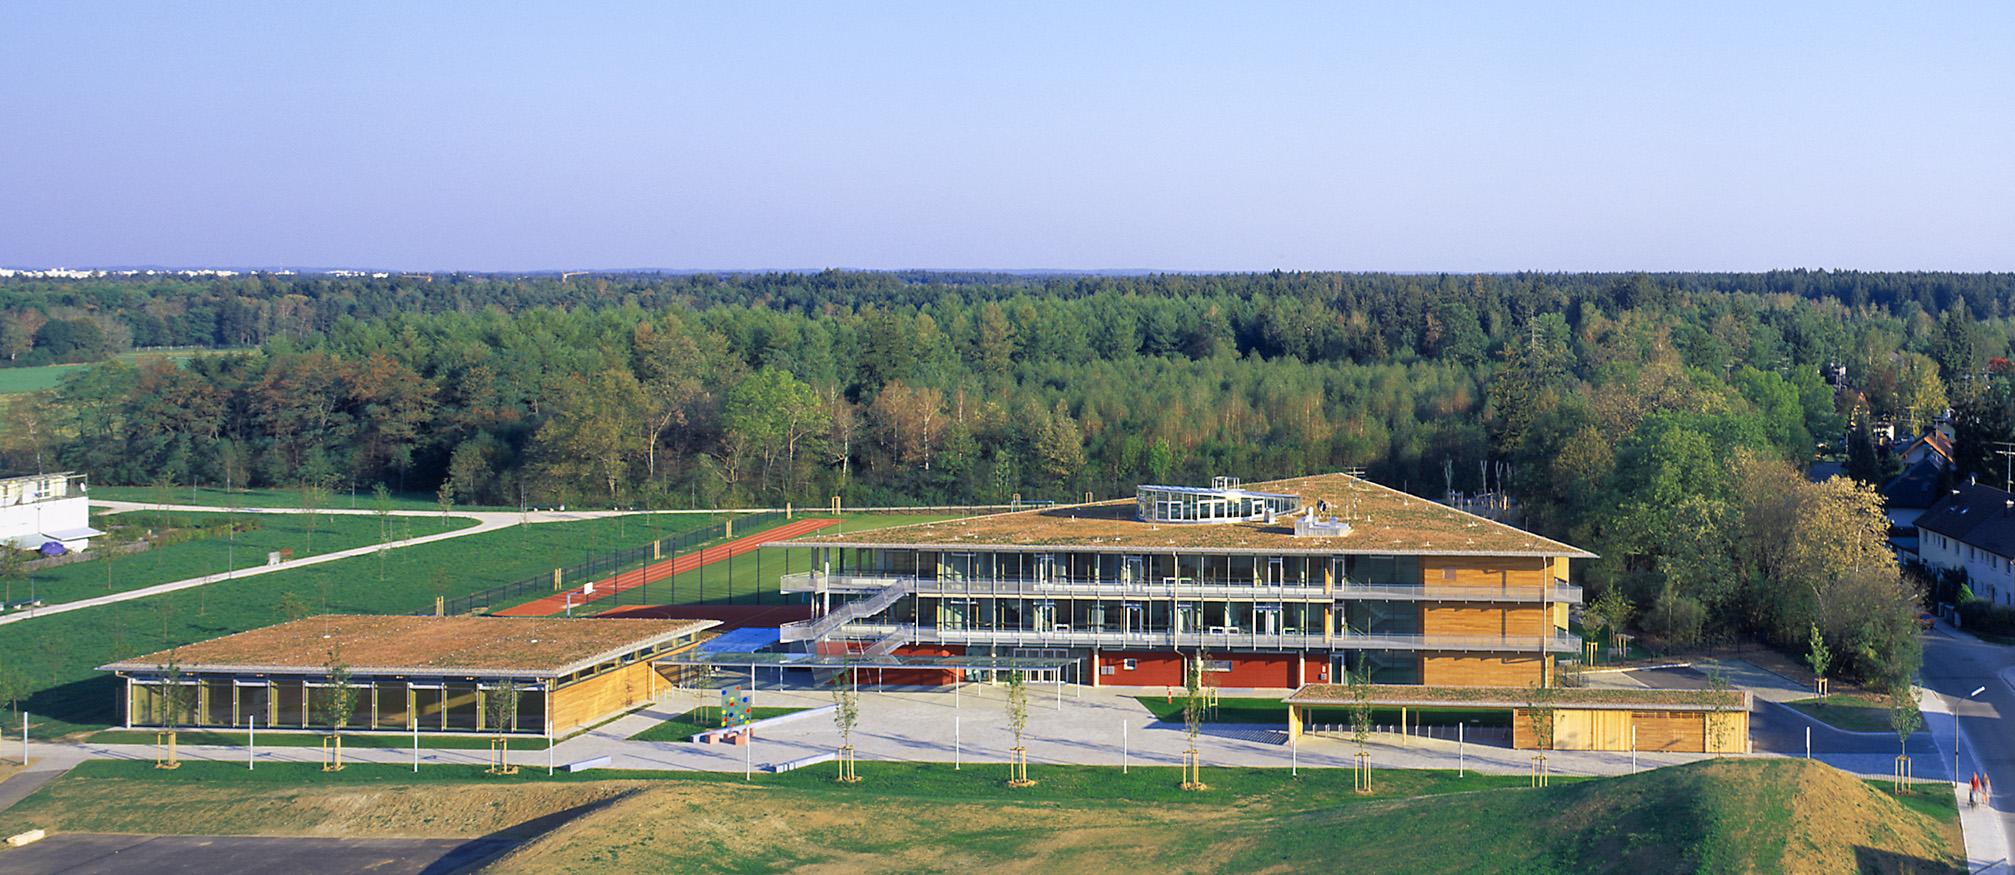 Sporthalle Trudering Luftaufnahme